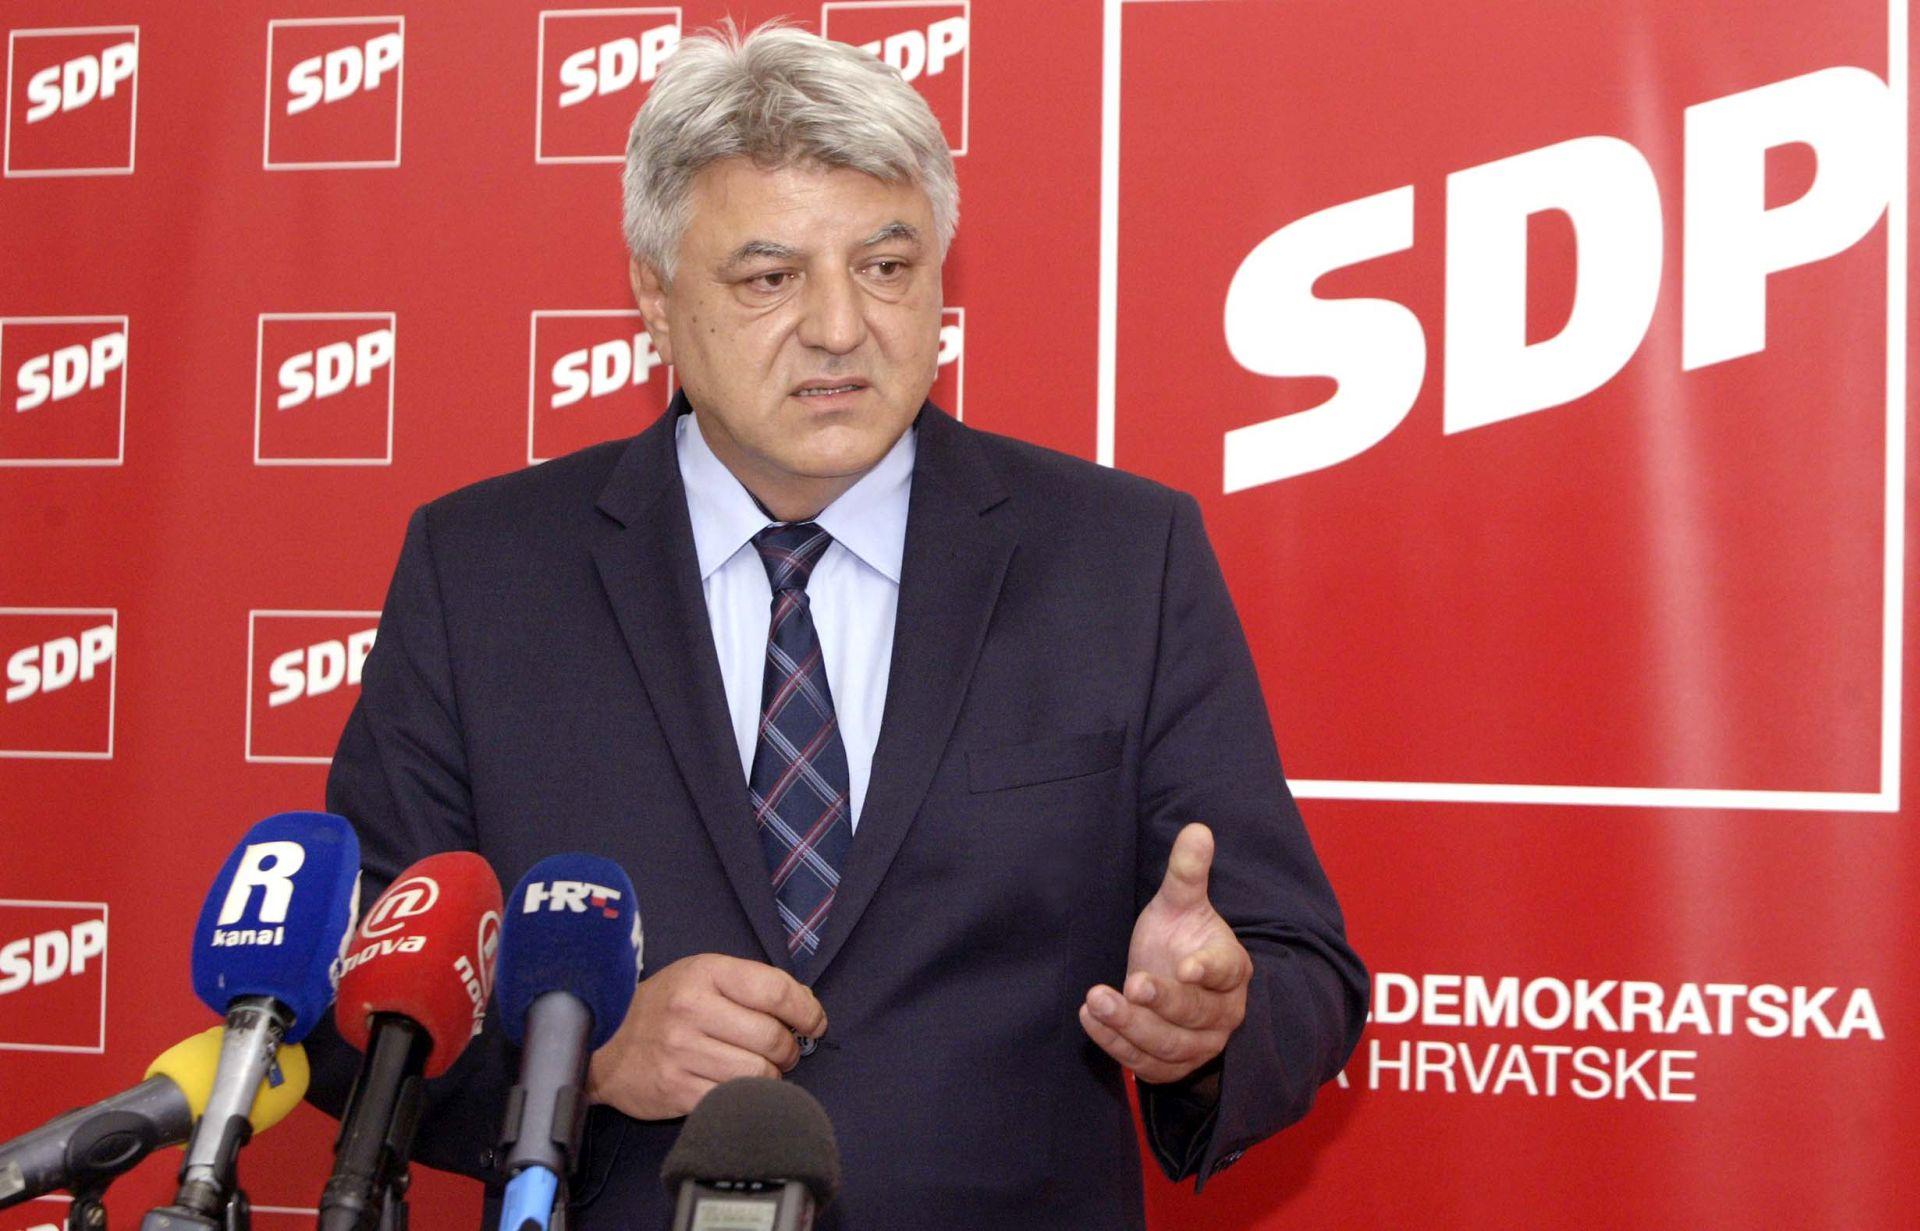 KOMADINA: 'U SDP-u se ne treba brinuti o rejtingu, nego se uhvatiti posla'